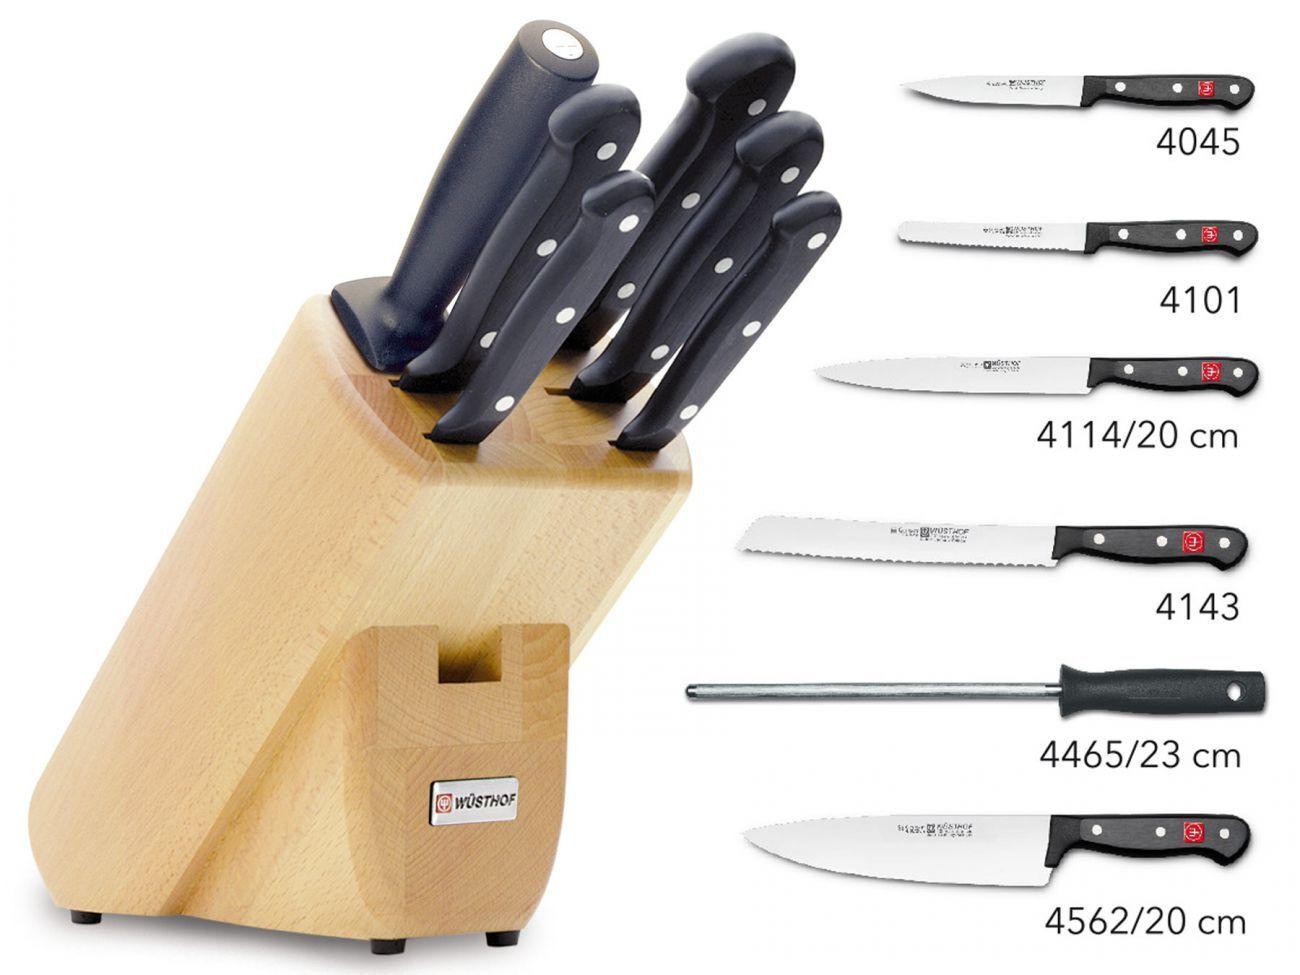 Wüsthof Gourmet 9831 couteau Bloc set de couteaux avec 6 pièces